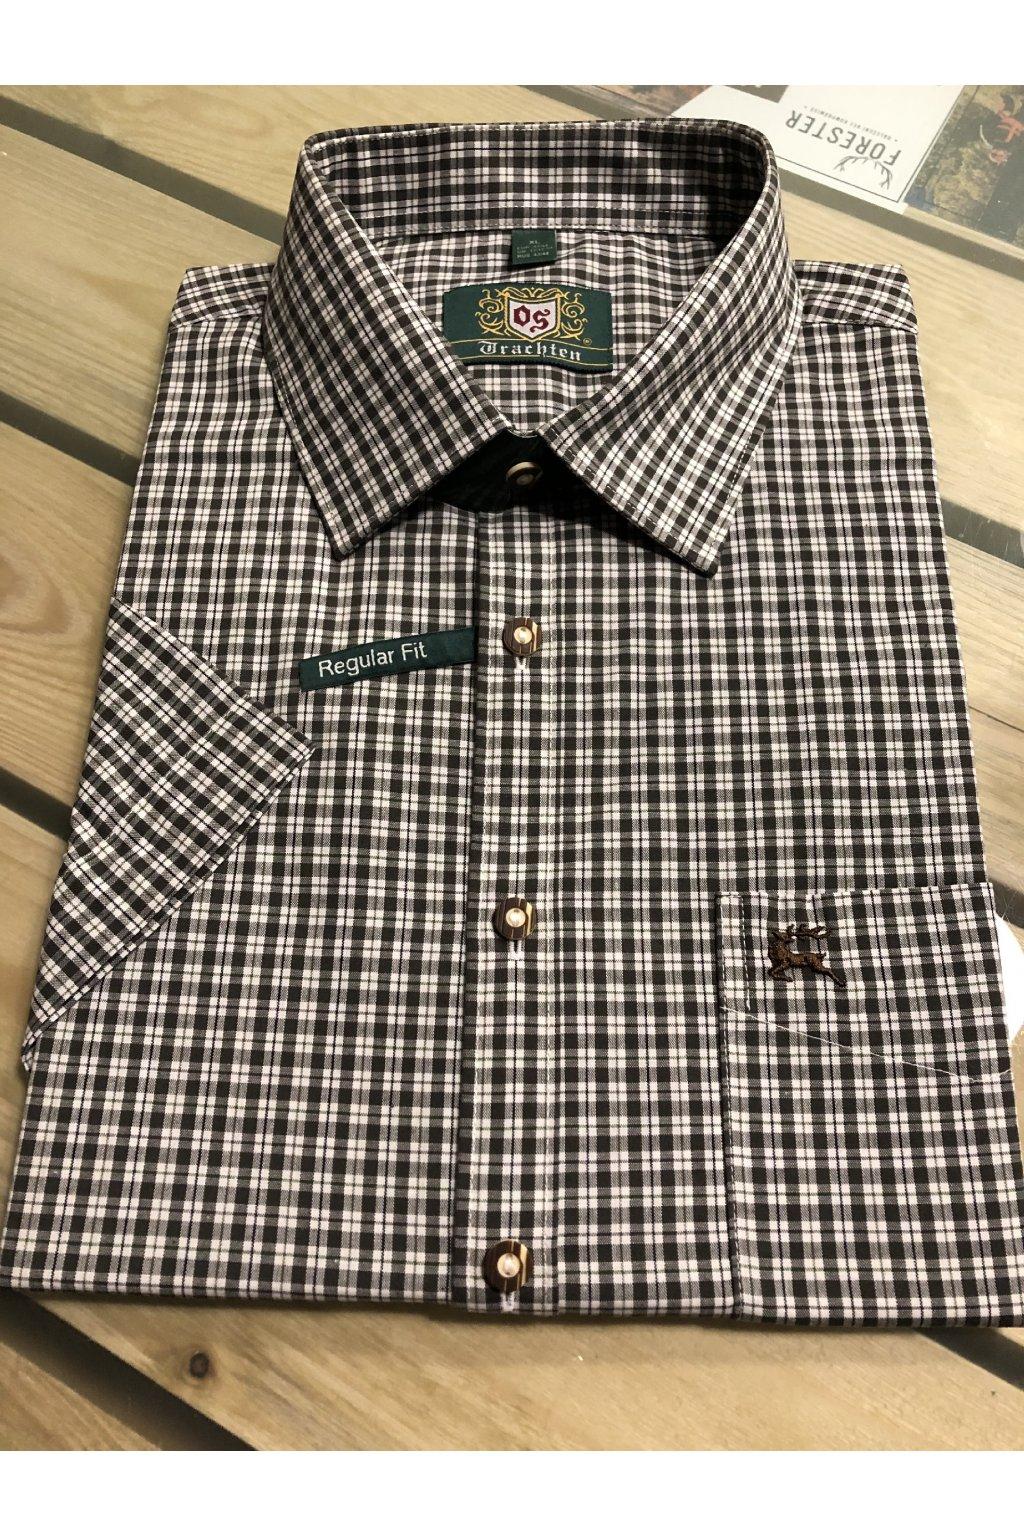 ORBIS - košile pánská s krátkým rukávem (3729) zel.